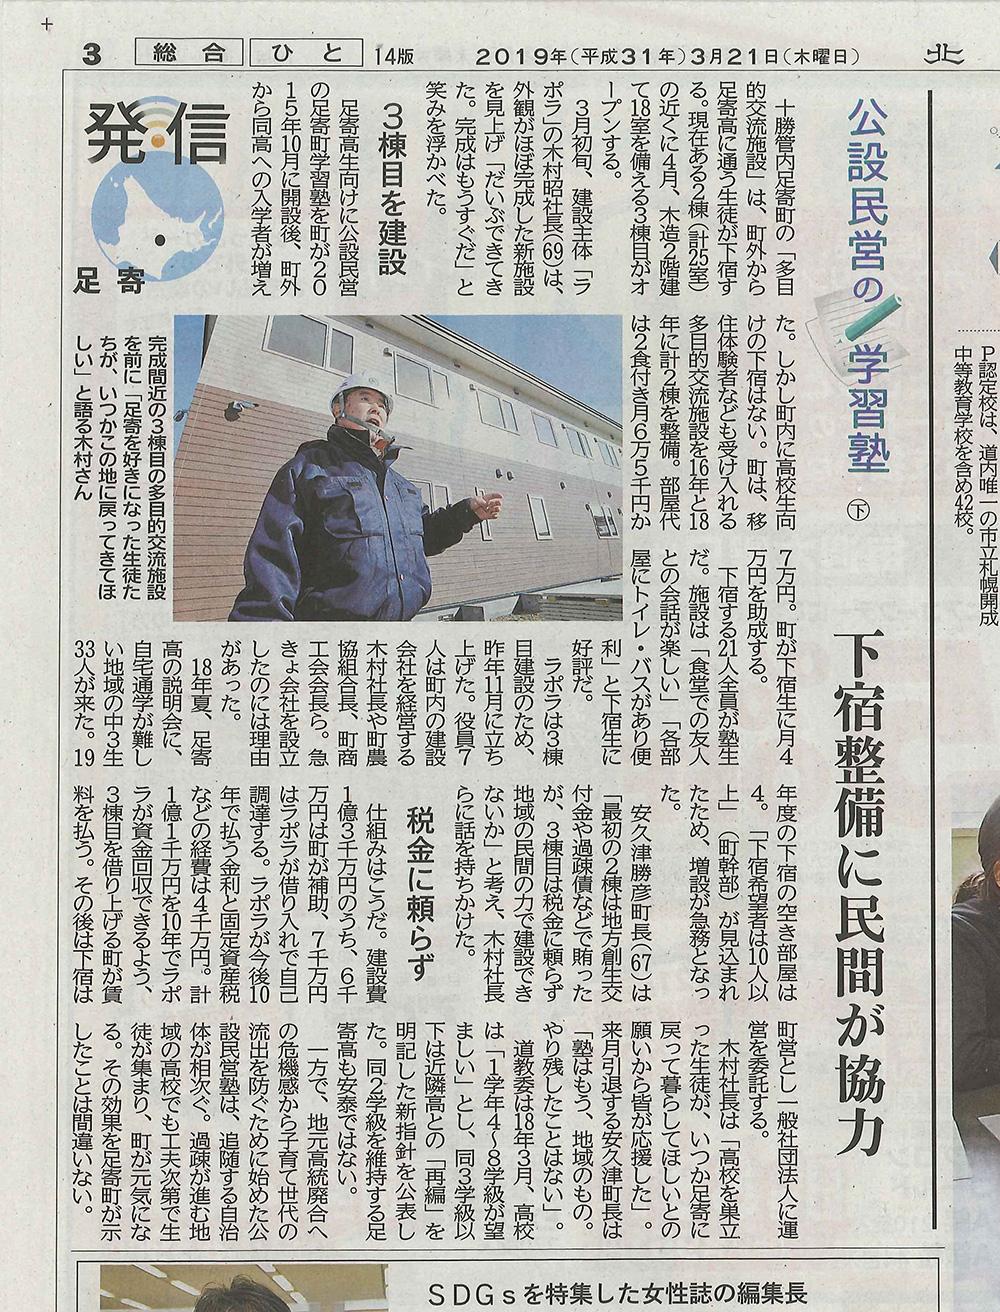 【足寄町学習塾】北海道新聞掲載③